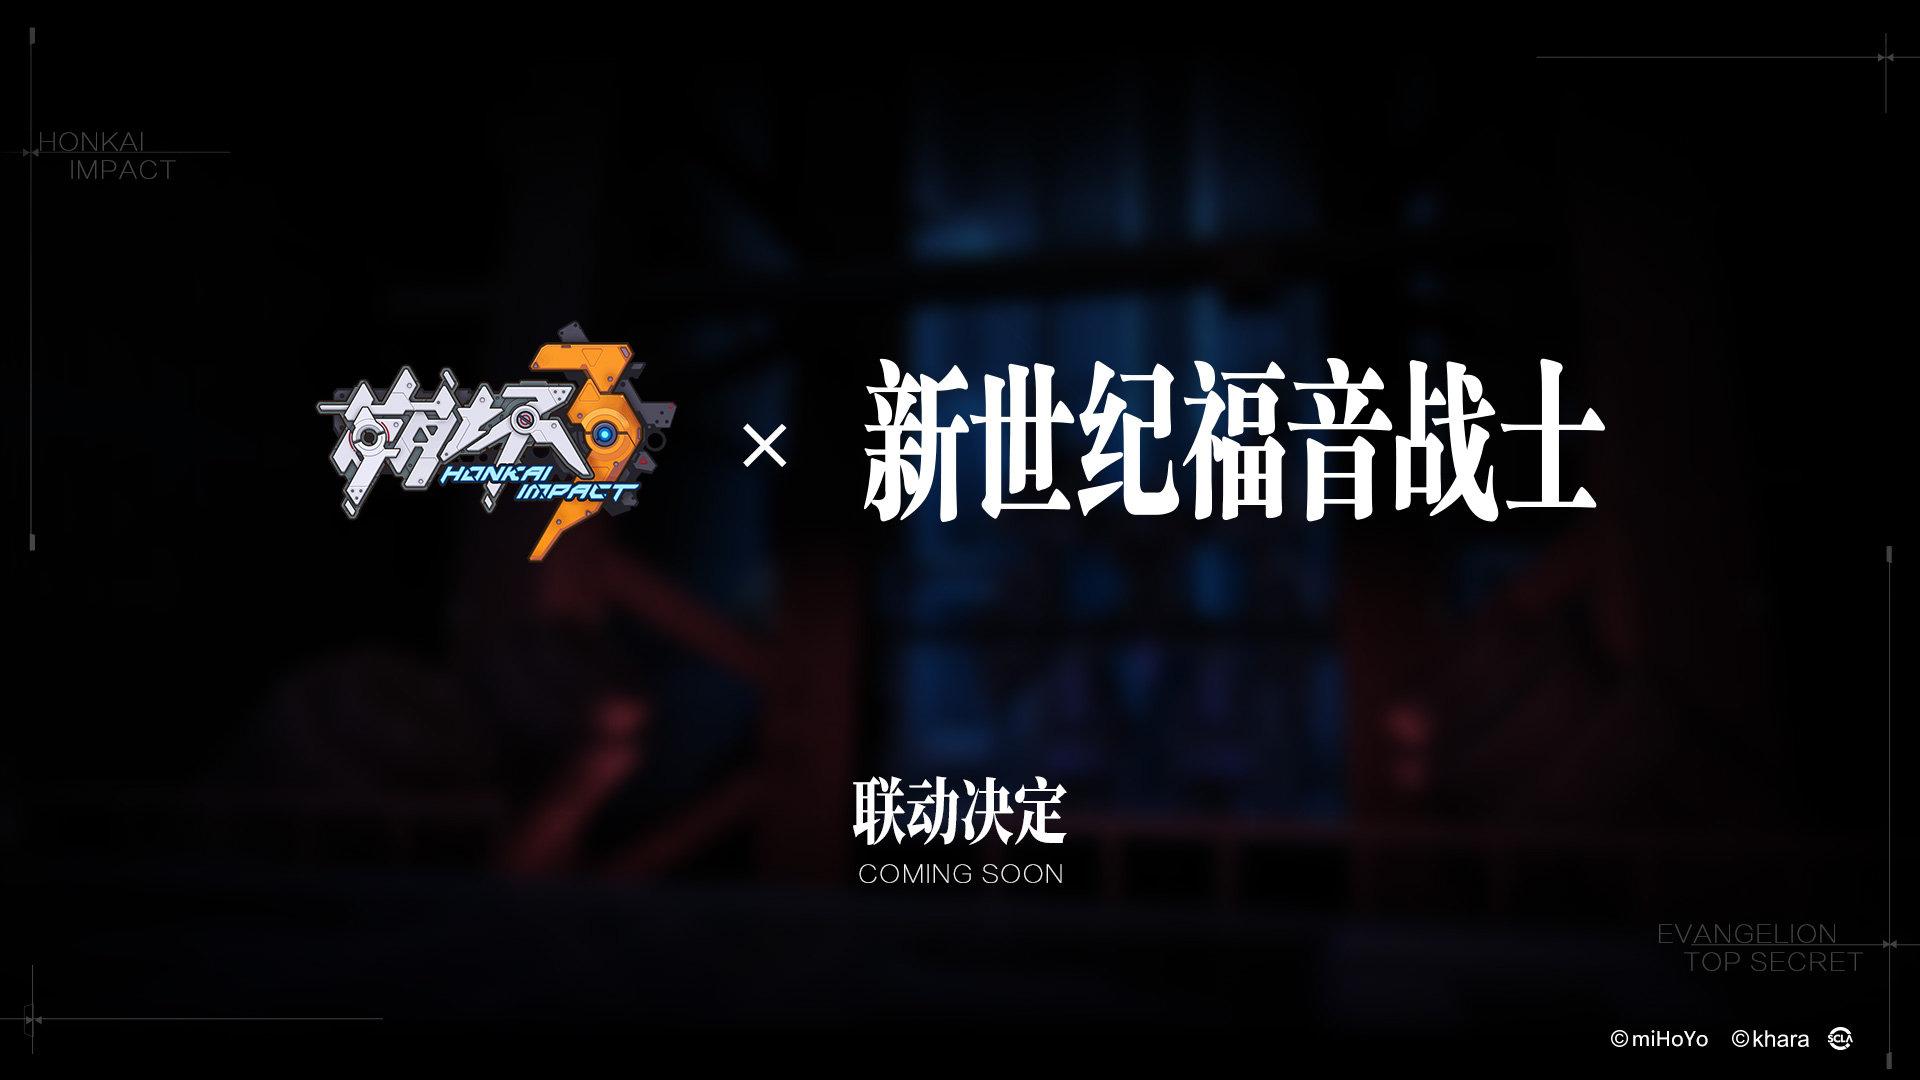 《崩坏3》将和《新世纪福音战士》联动